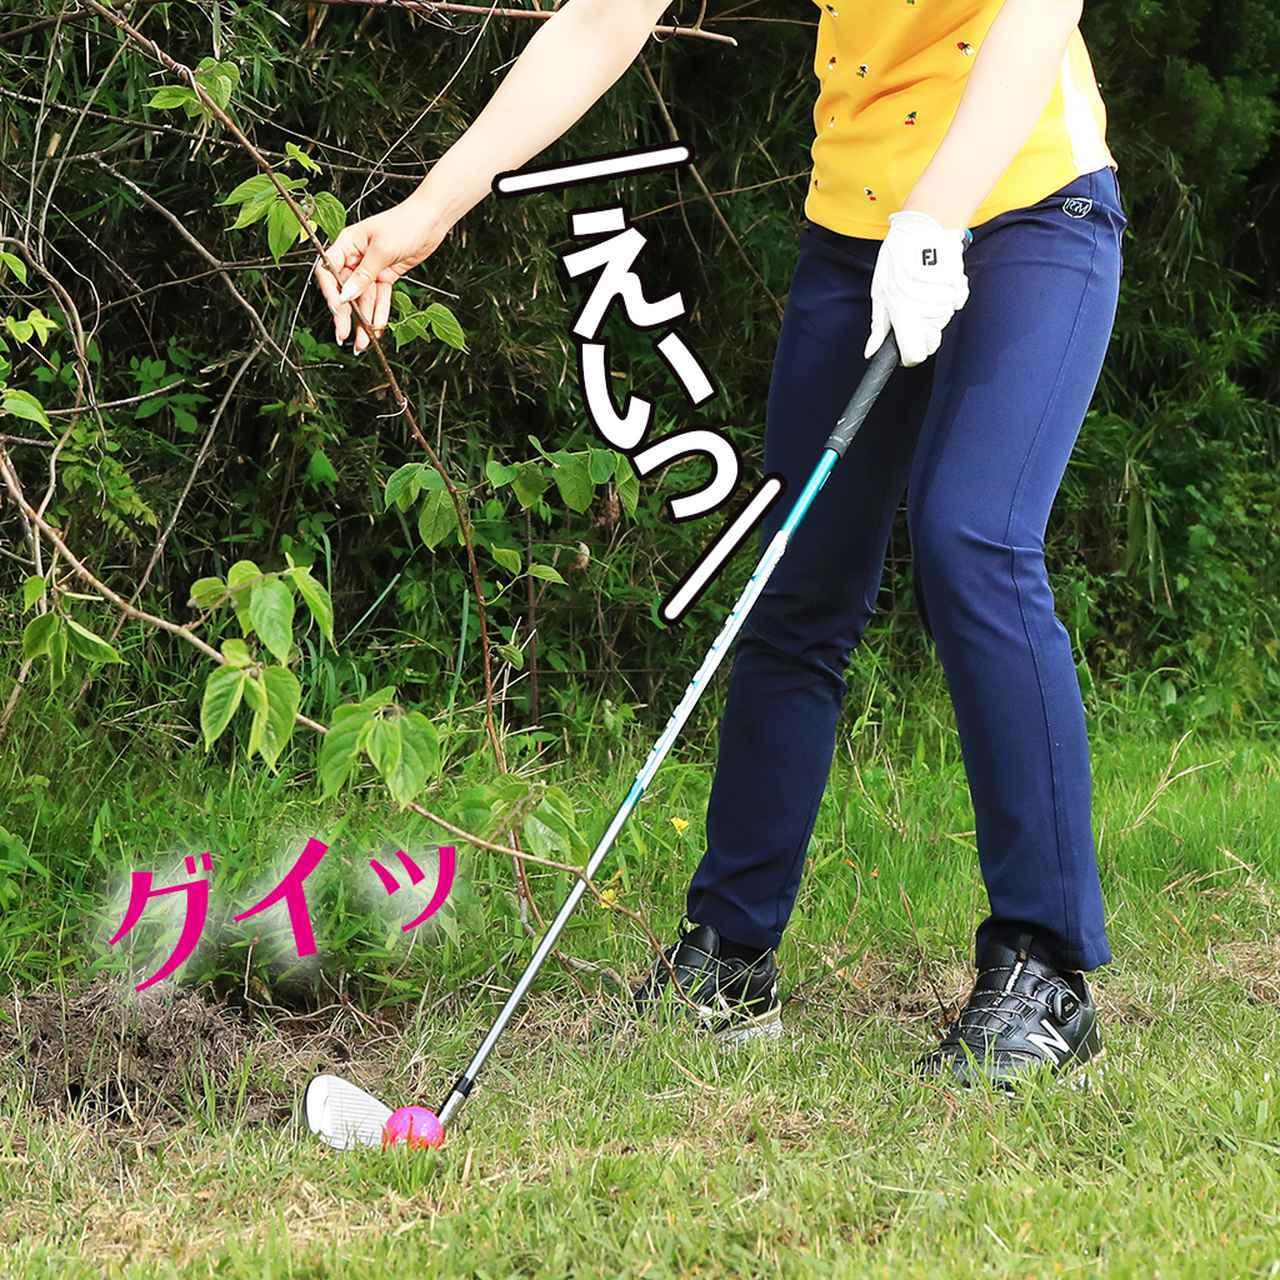 画像2: 【新ルール】スタンスで枝が邪魔だったので、踏んでアドレス。罰あり? なし?